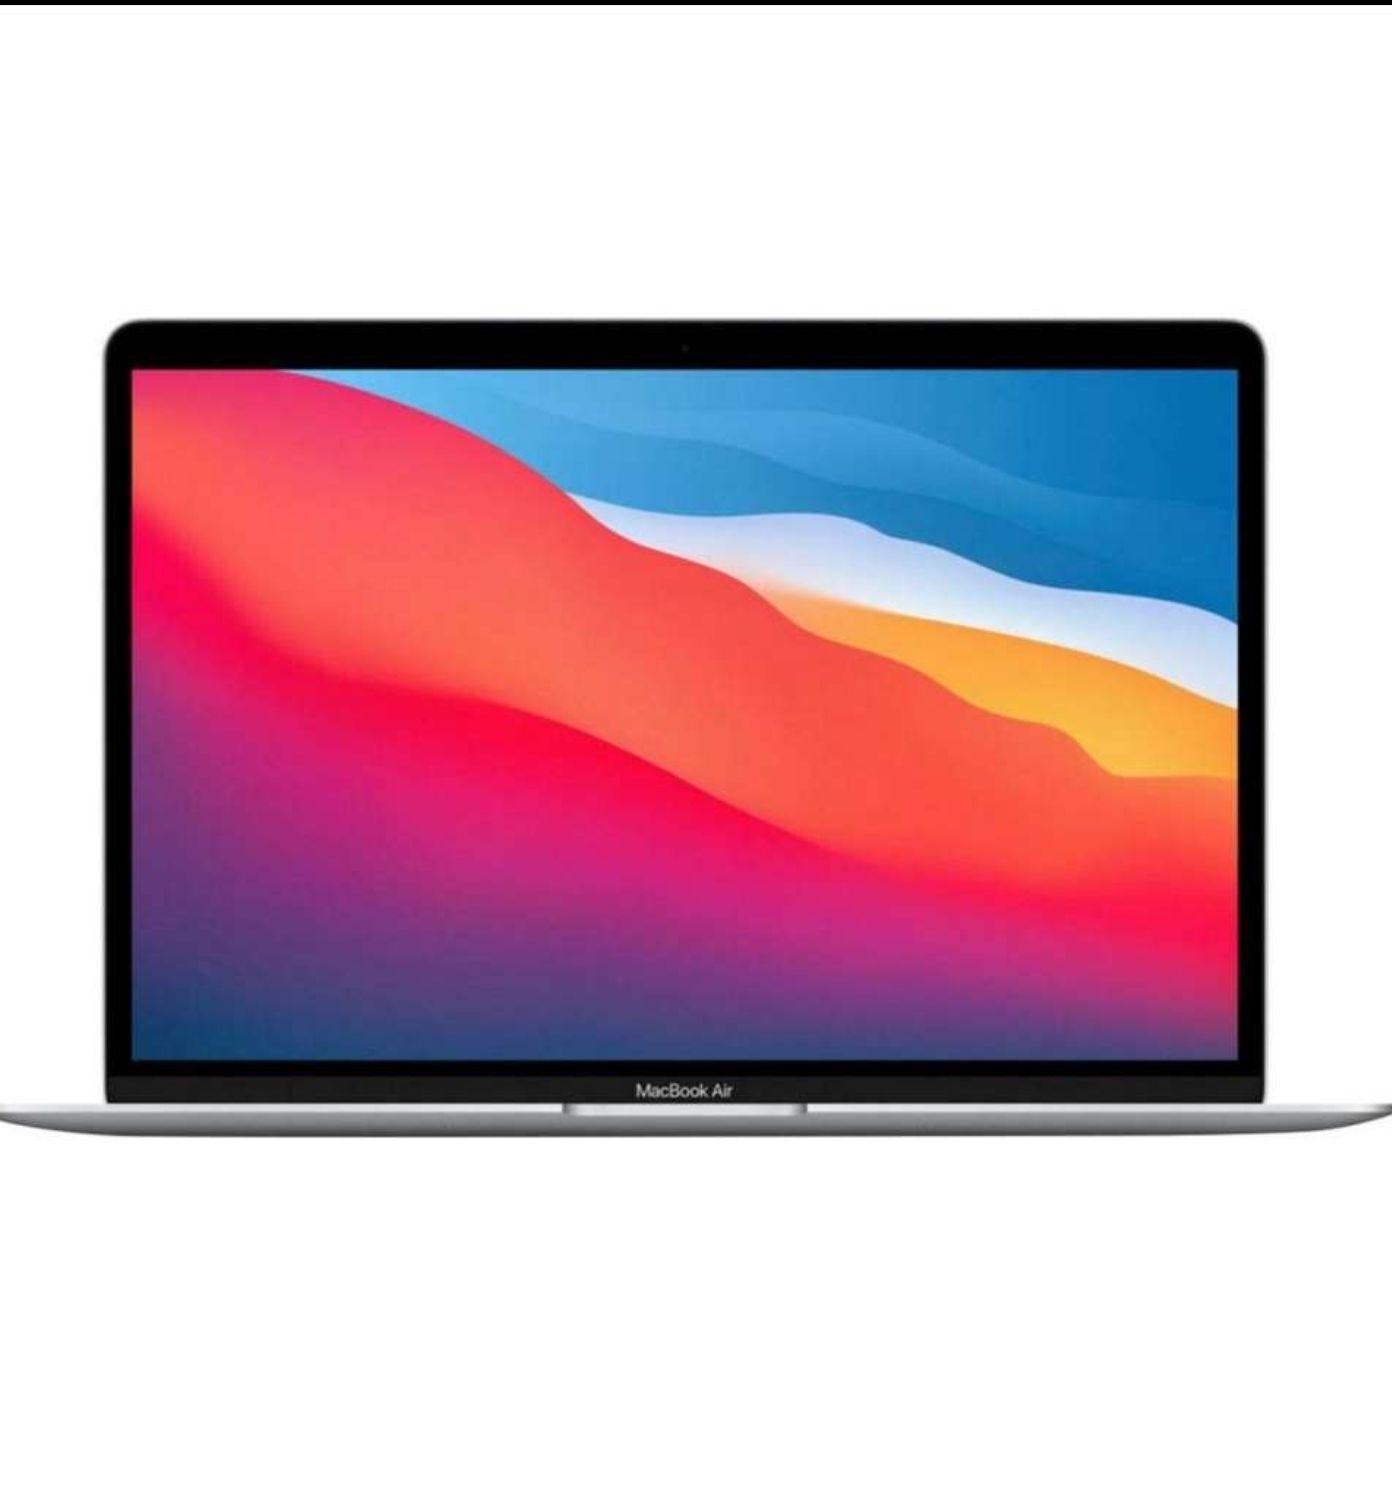 Apple MacBook Air I M1 I 13,3 Zoll I 8GB Ram I 512 GB SSD I (1205,55€ möglich)